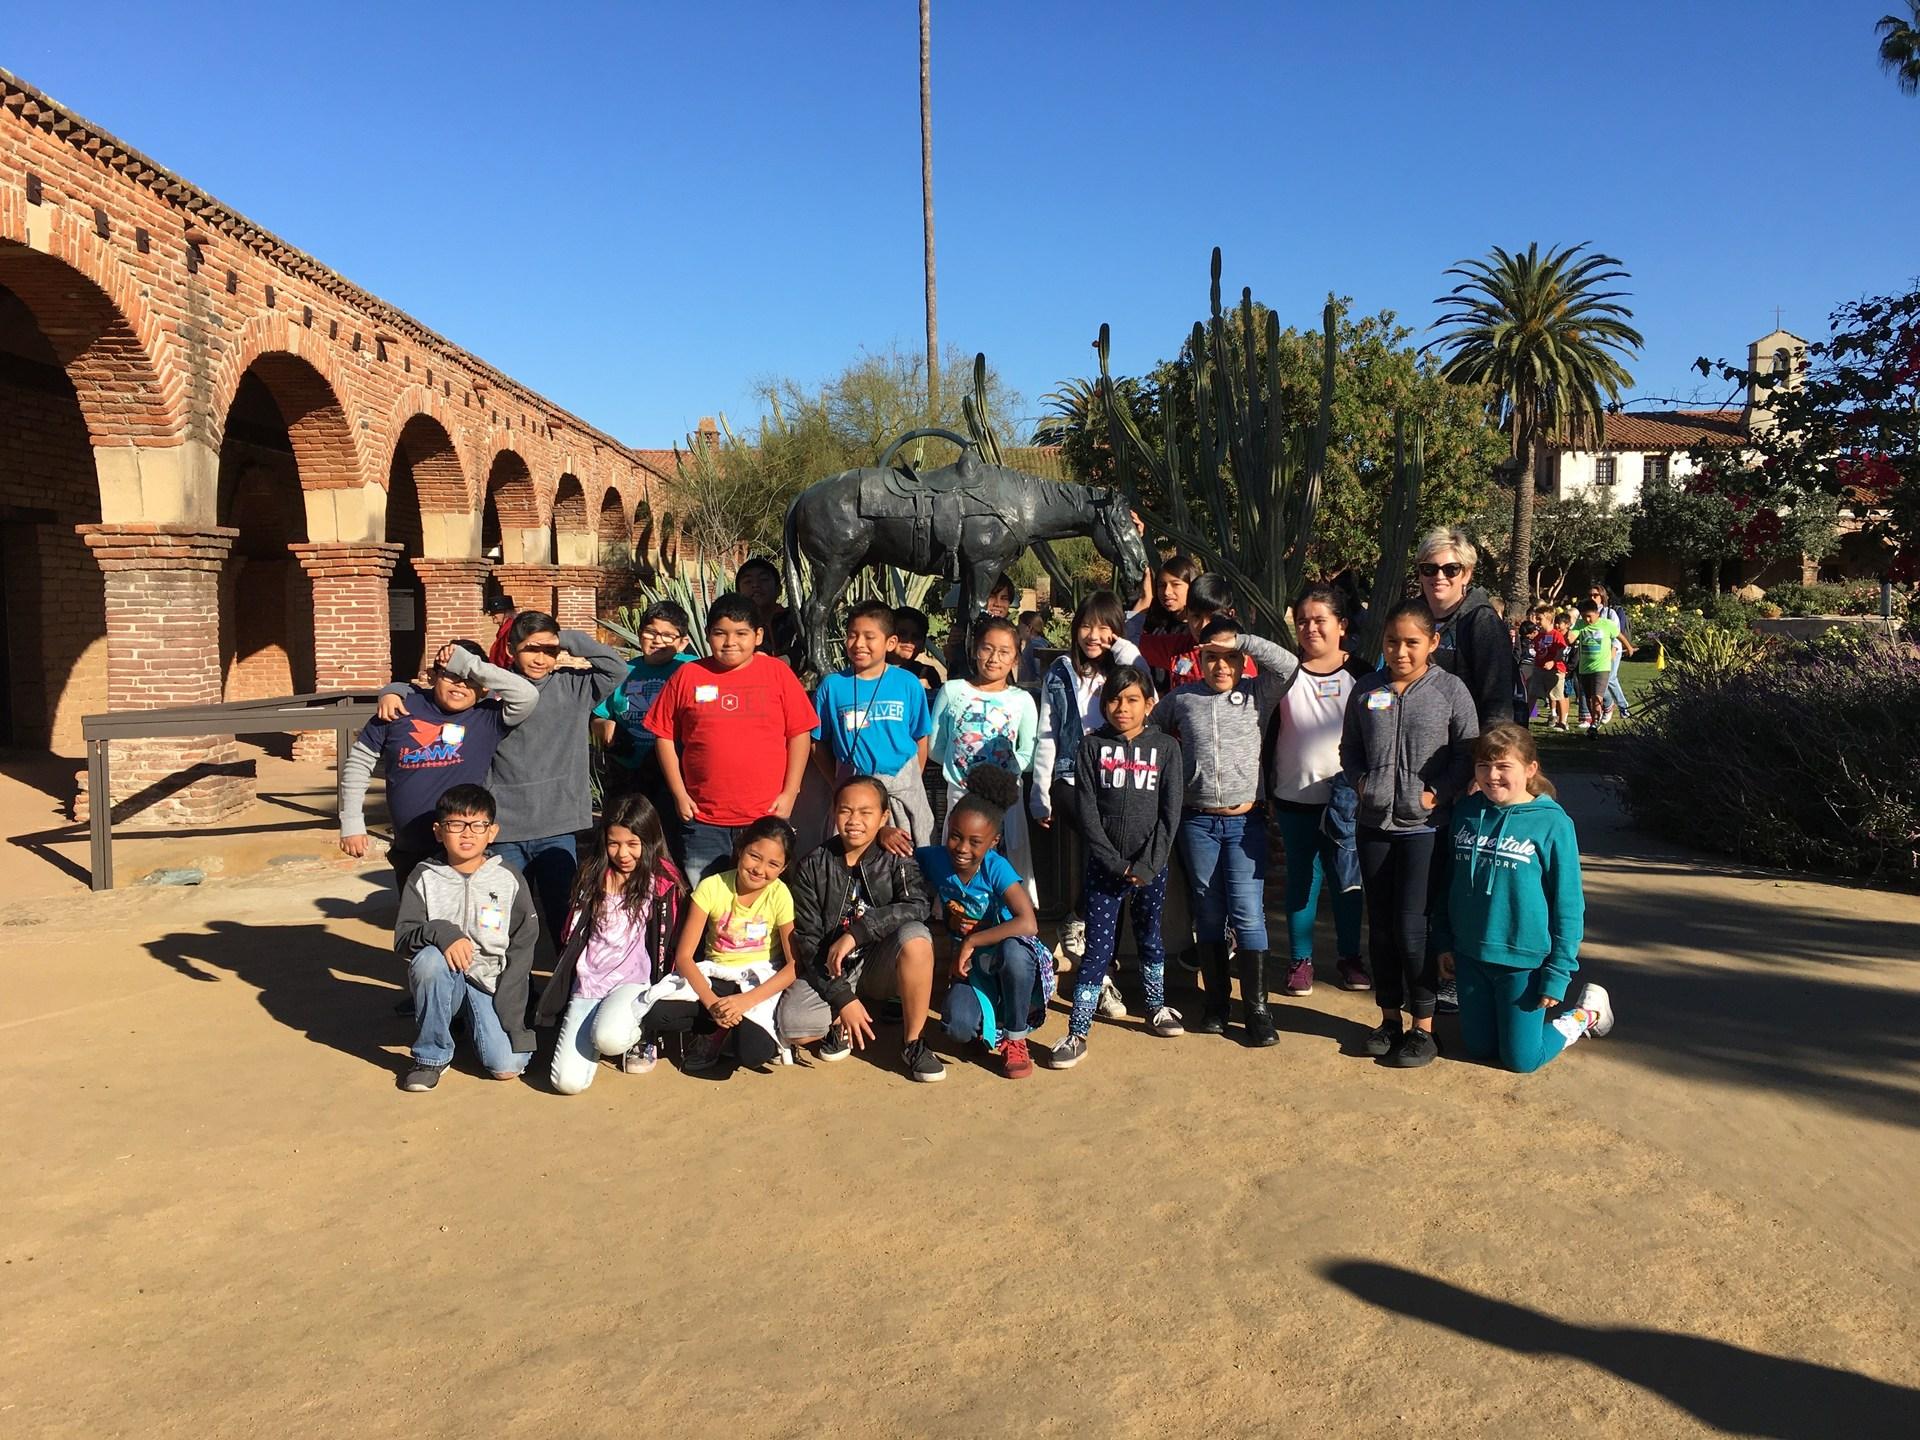 Field Trip to Mission San Juan Capistrano